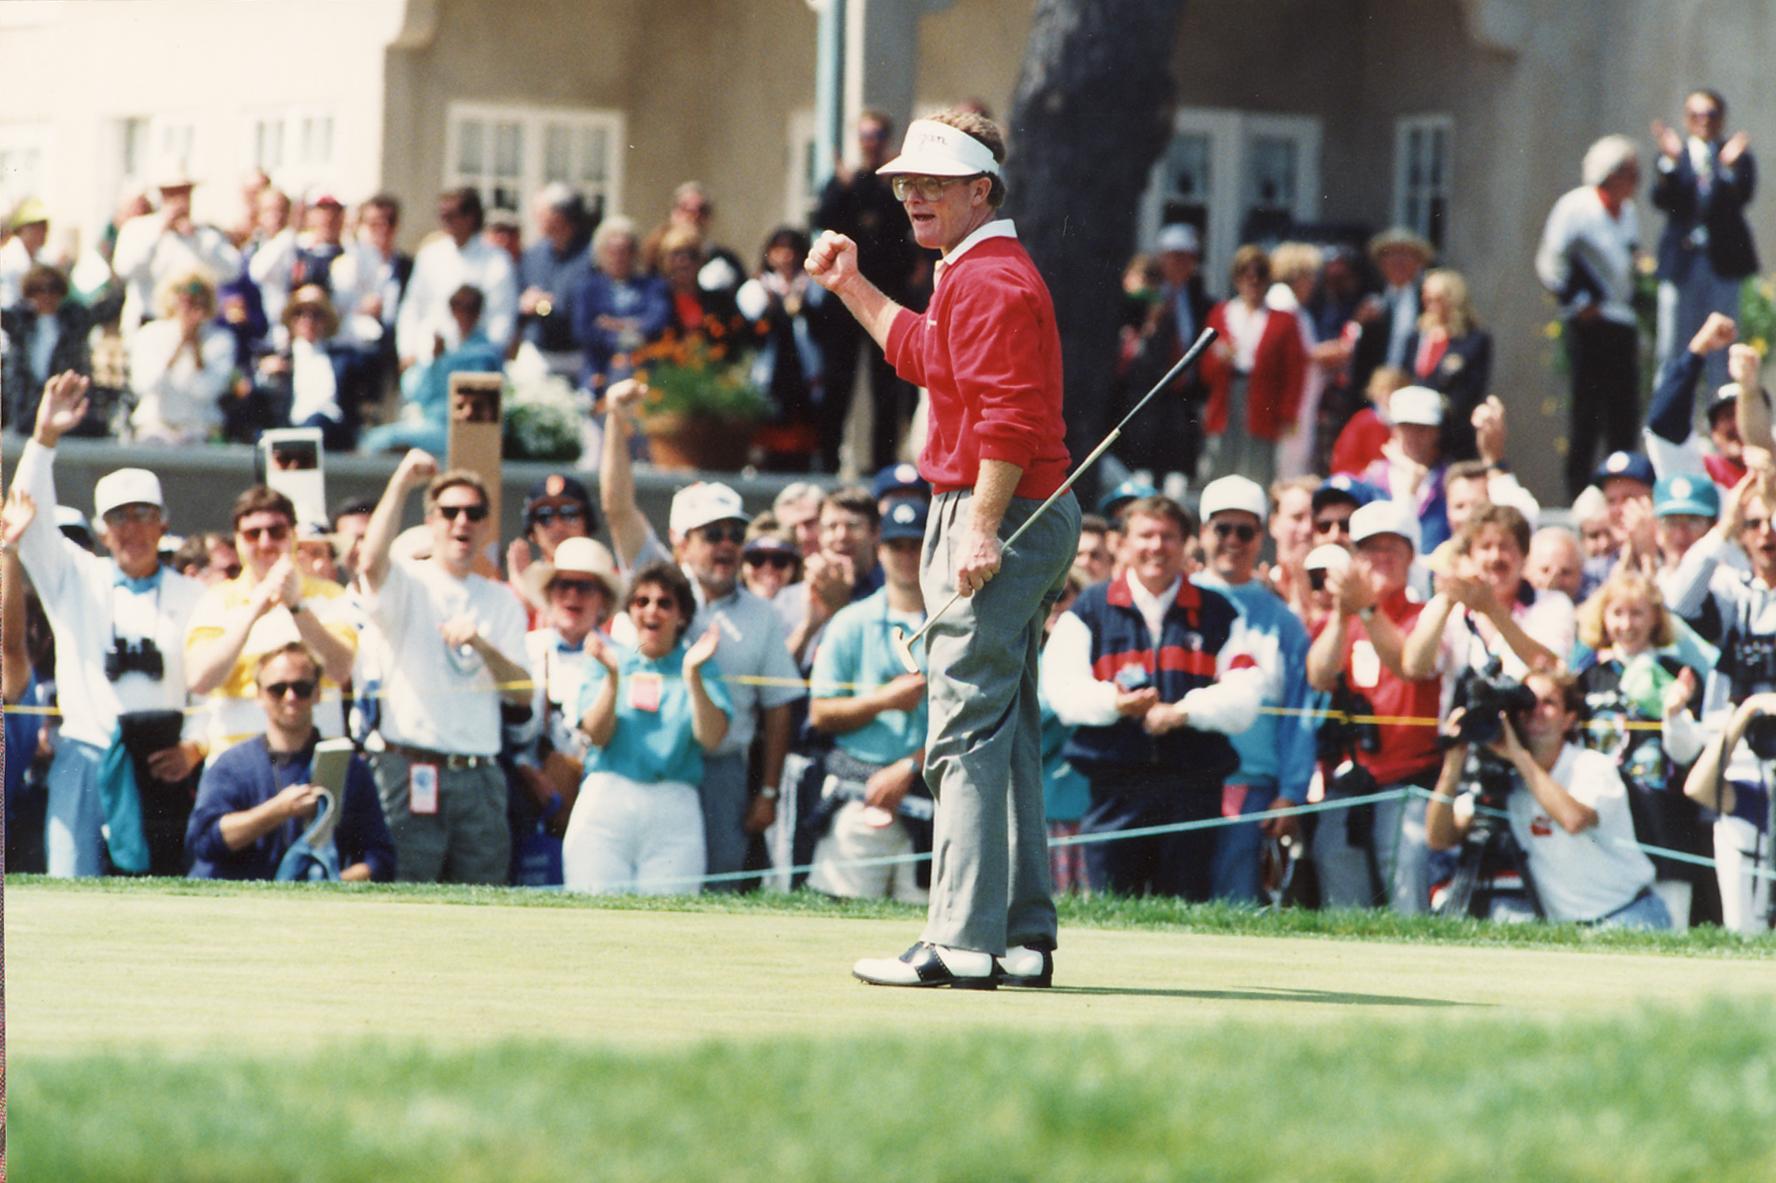 Tom Kite wins 1992 U.S. Open